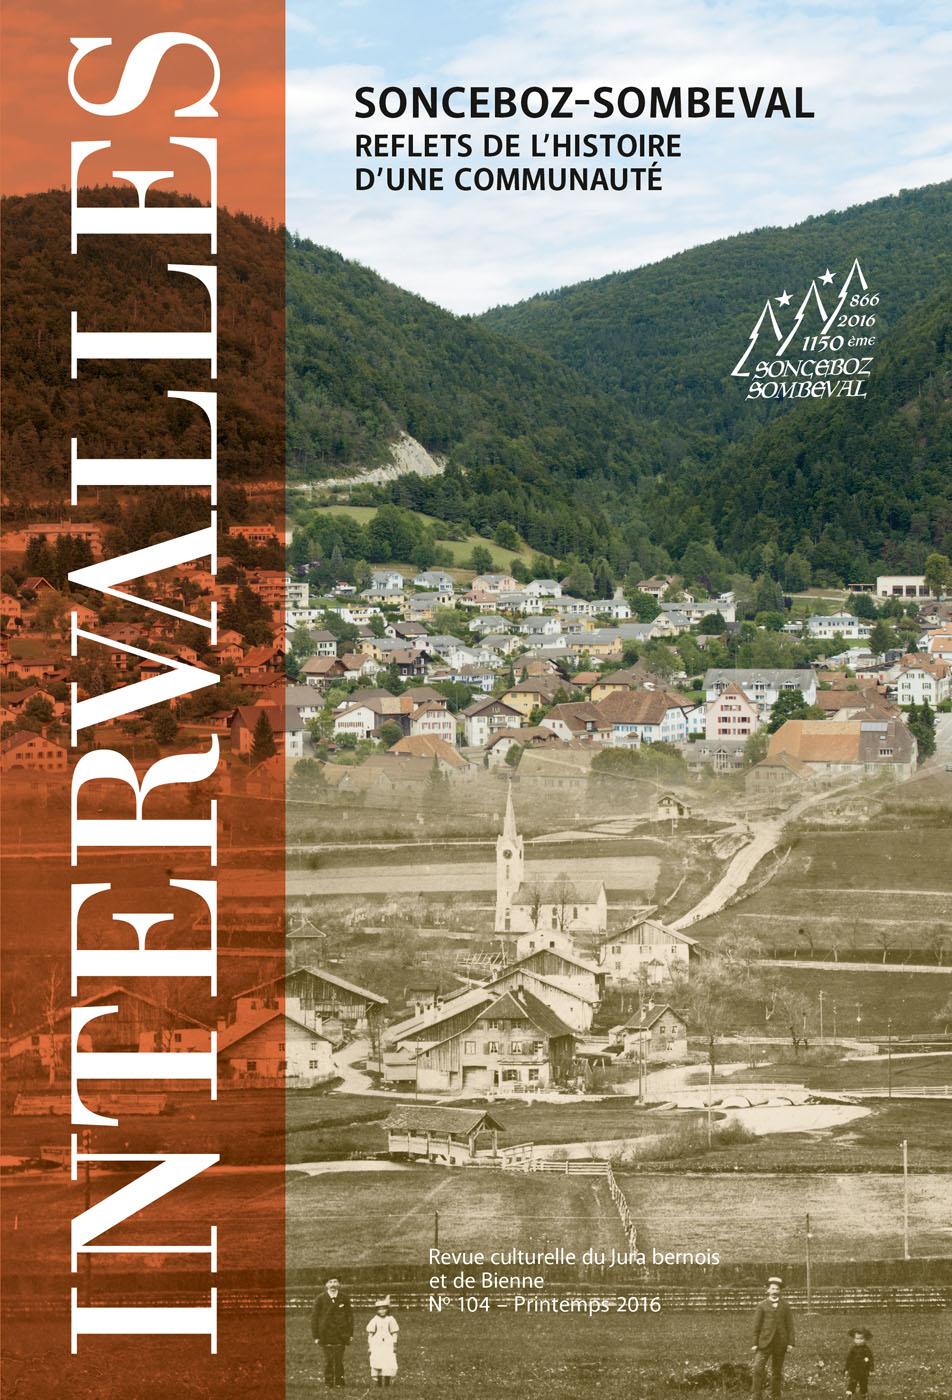 No 104 – Sonceboz-Sombeval – Reflets de l'histoire d'une communauté